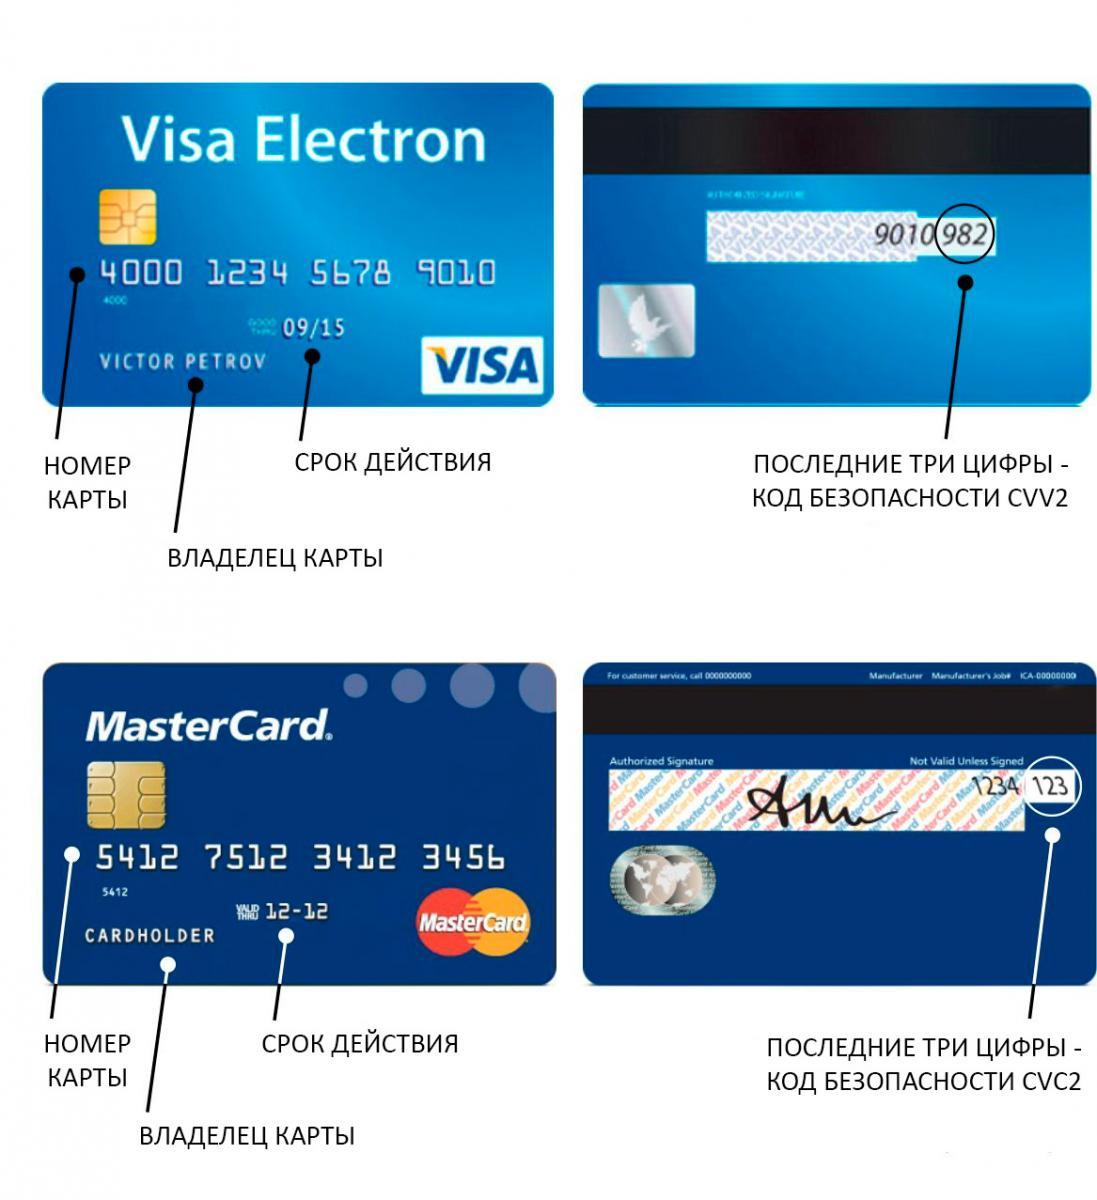 СМС ваша банковская карта заблокирована: мошенники или банк?